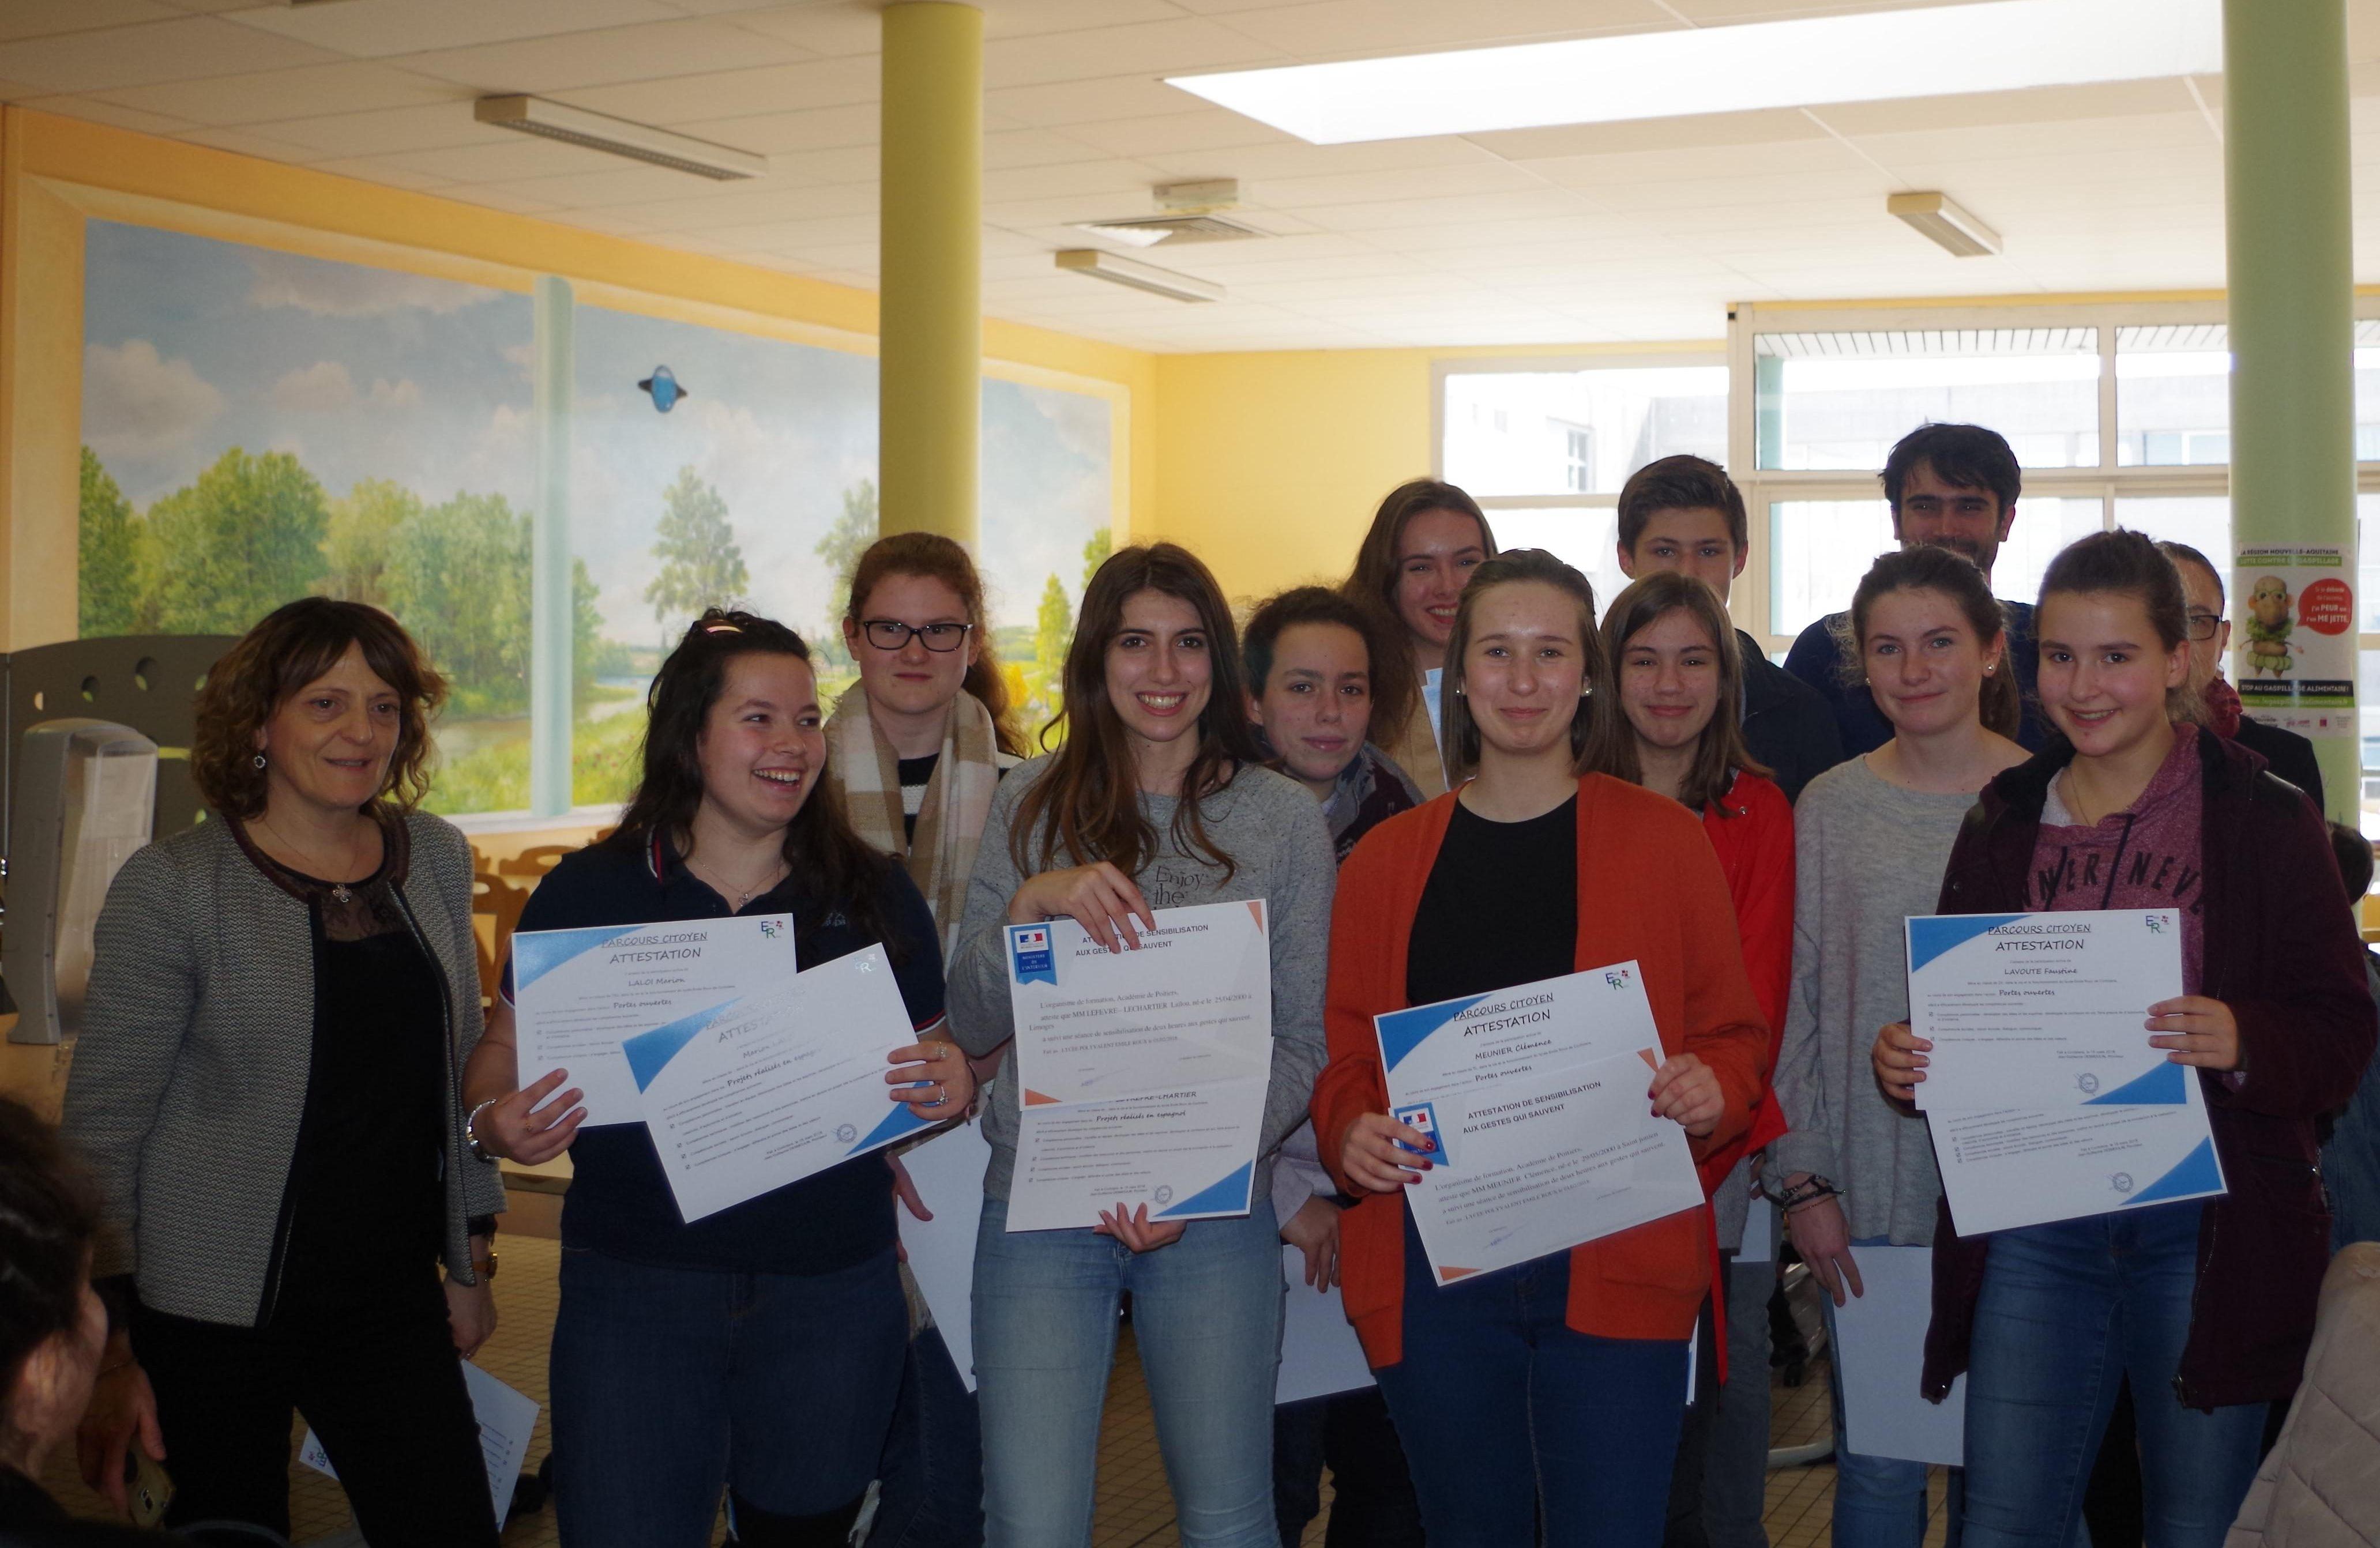 Pluie de diplômes sur le lycée Emile-Roux/